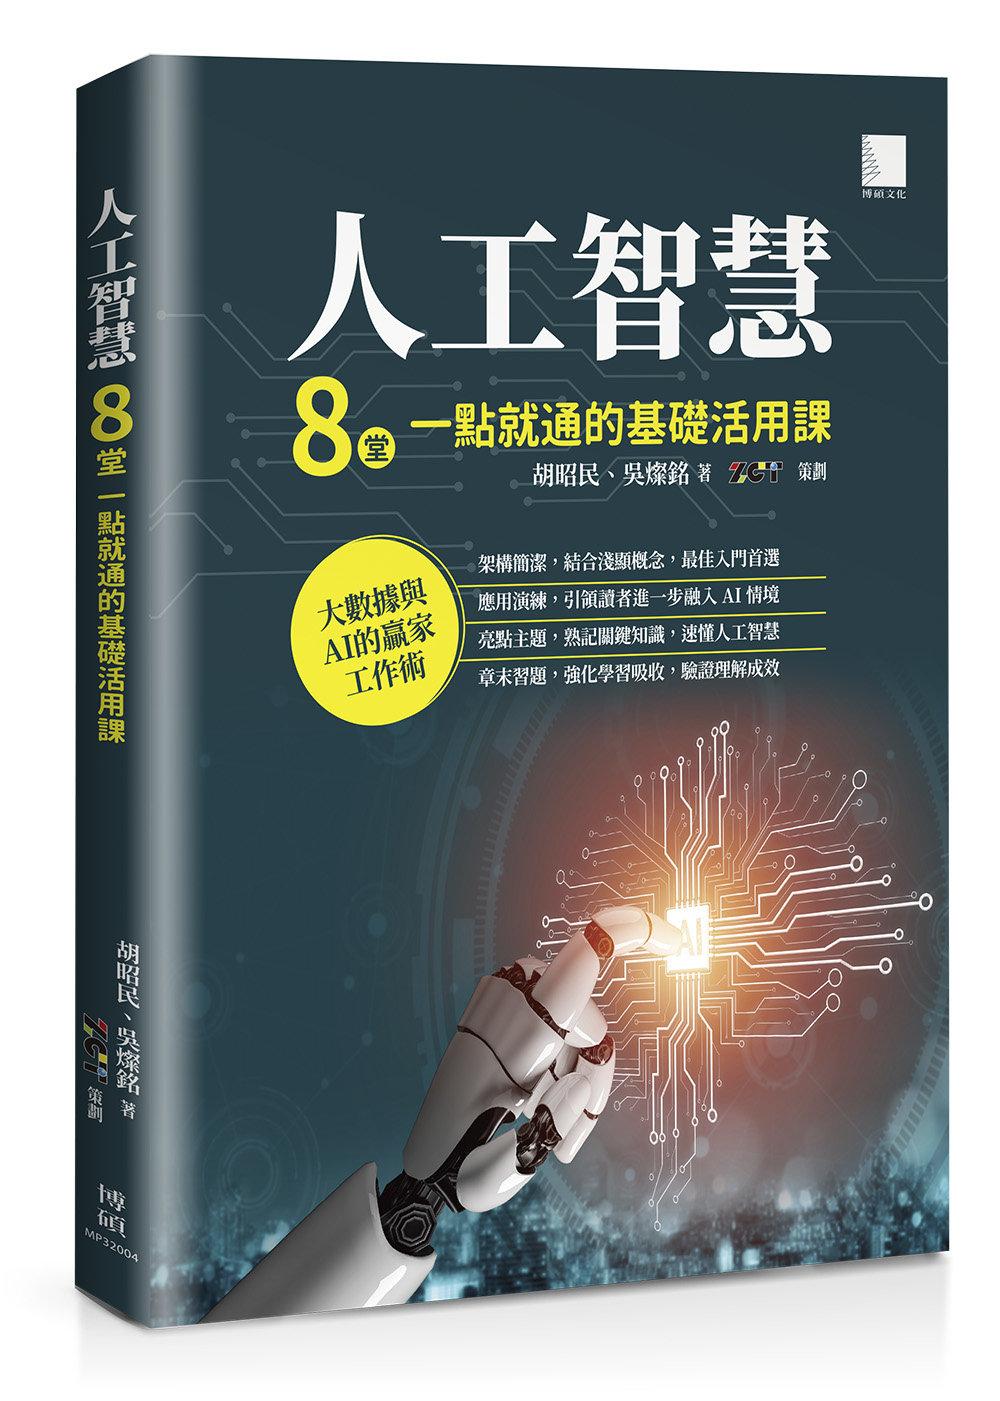 人工智慧:8堂一點就通的基礎活用課-preview-1